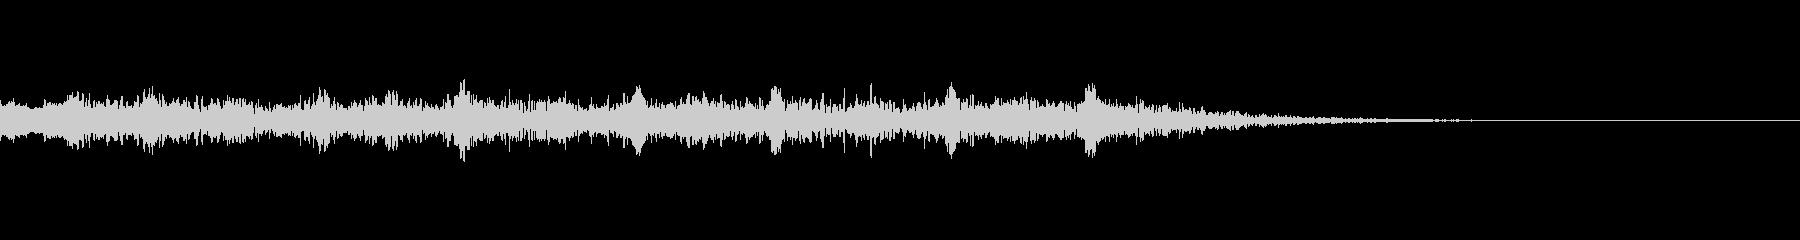 耳鳴り、気配、テレパシーA01の未再生の波形